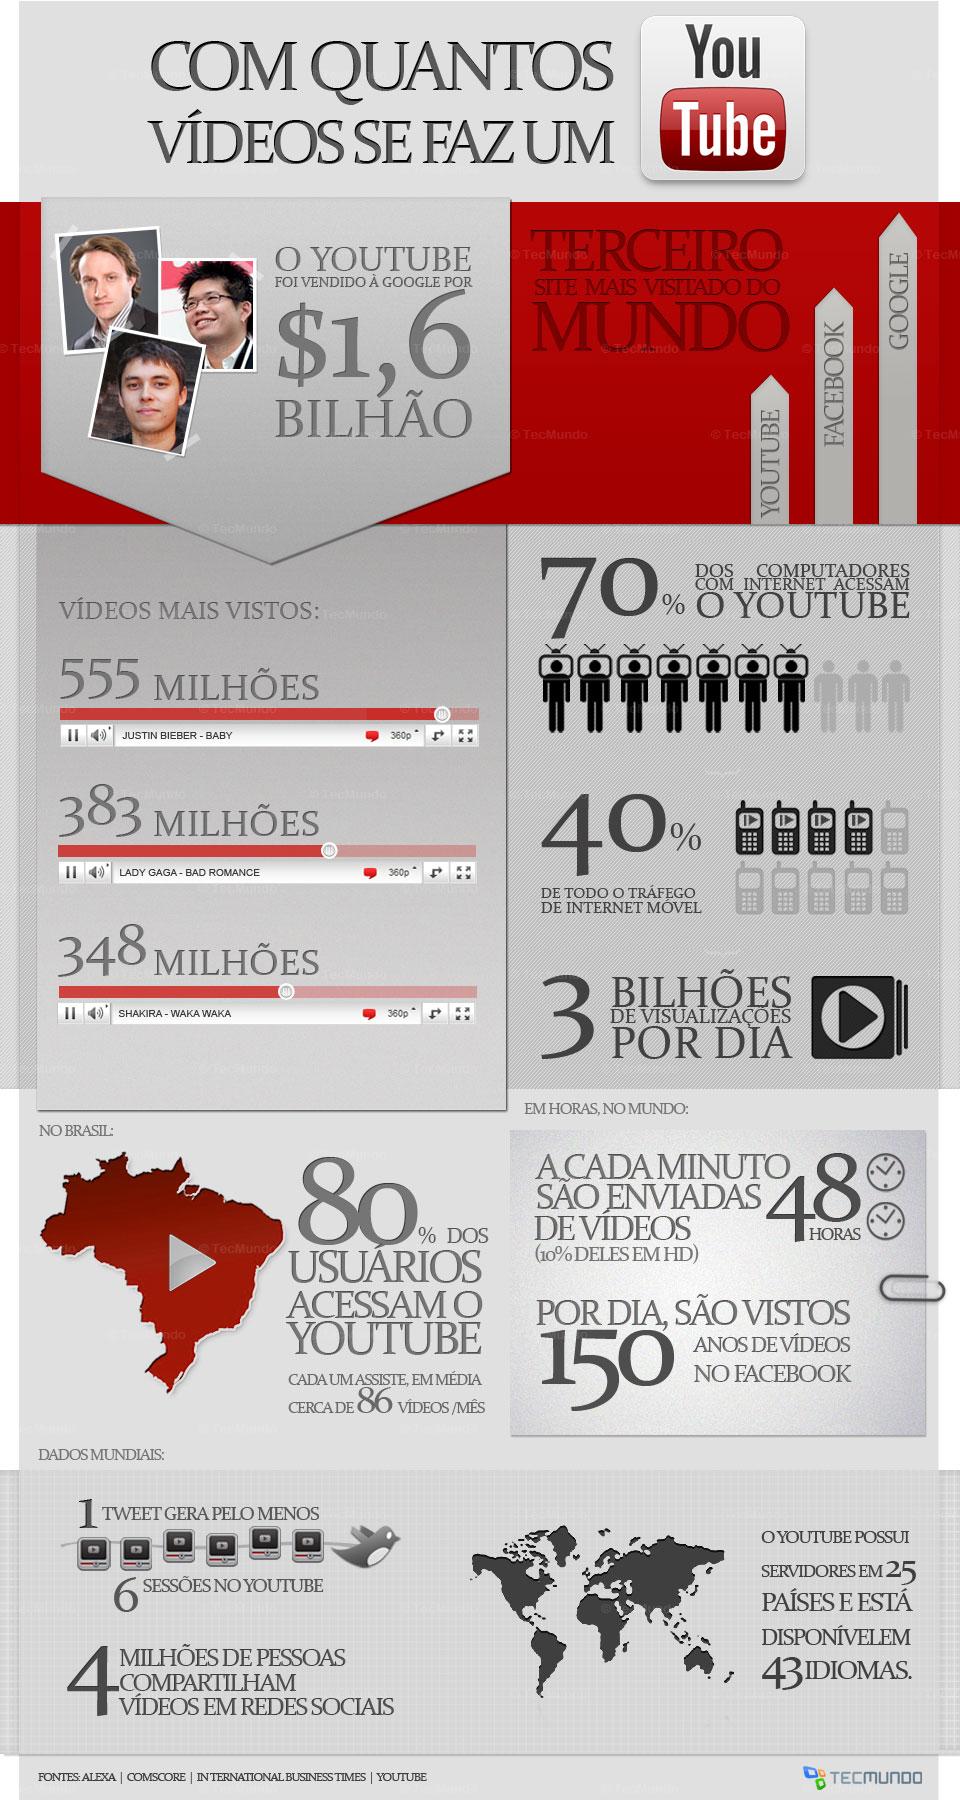 Com quantos vídeos se faz um YouTube [infográfico]